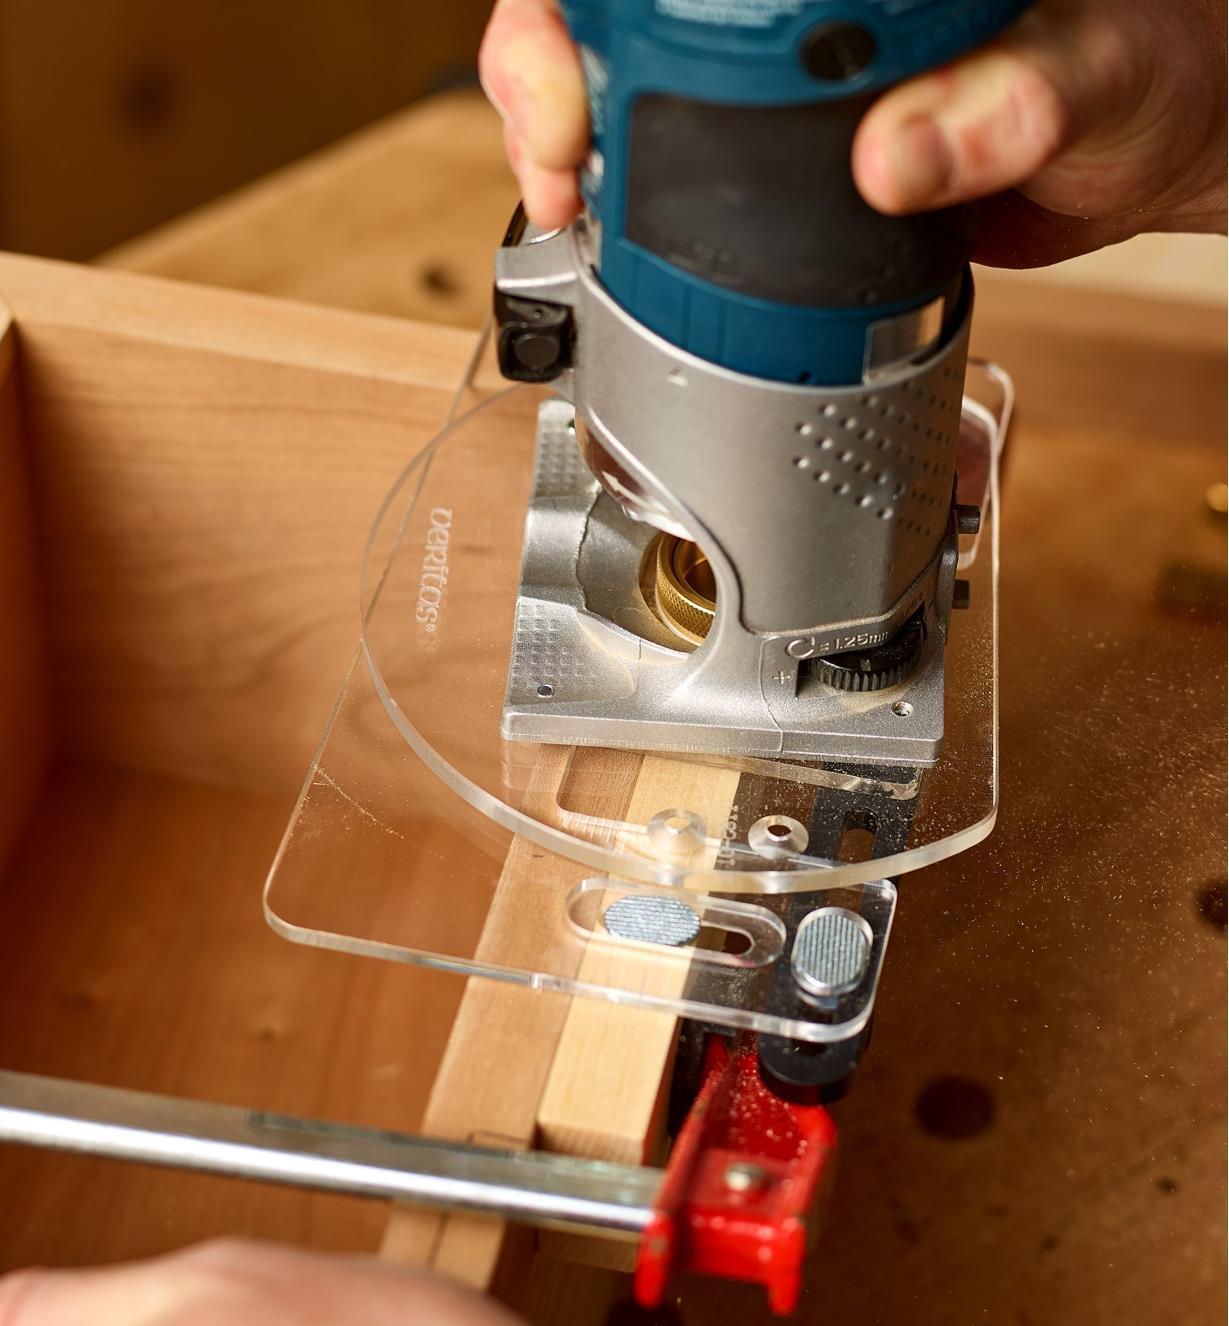 Travailleur du bois se servant d'un gabarit pour entaille de charnière pour guider une toupie compacte pendant qu'il coupe une entaille de charnière